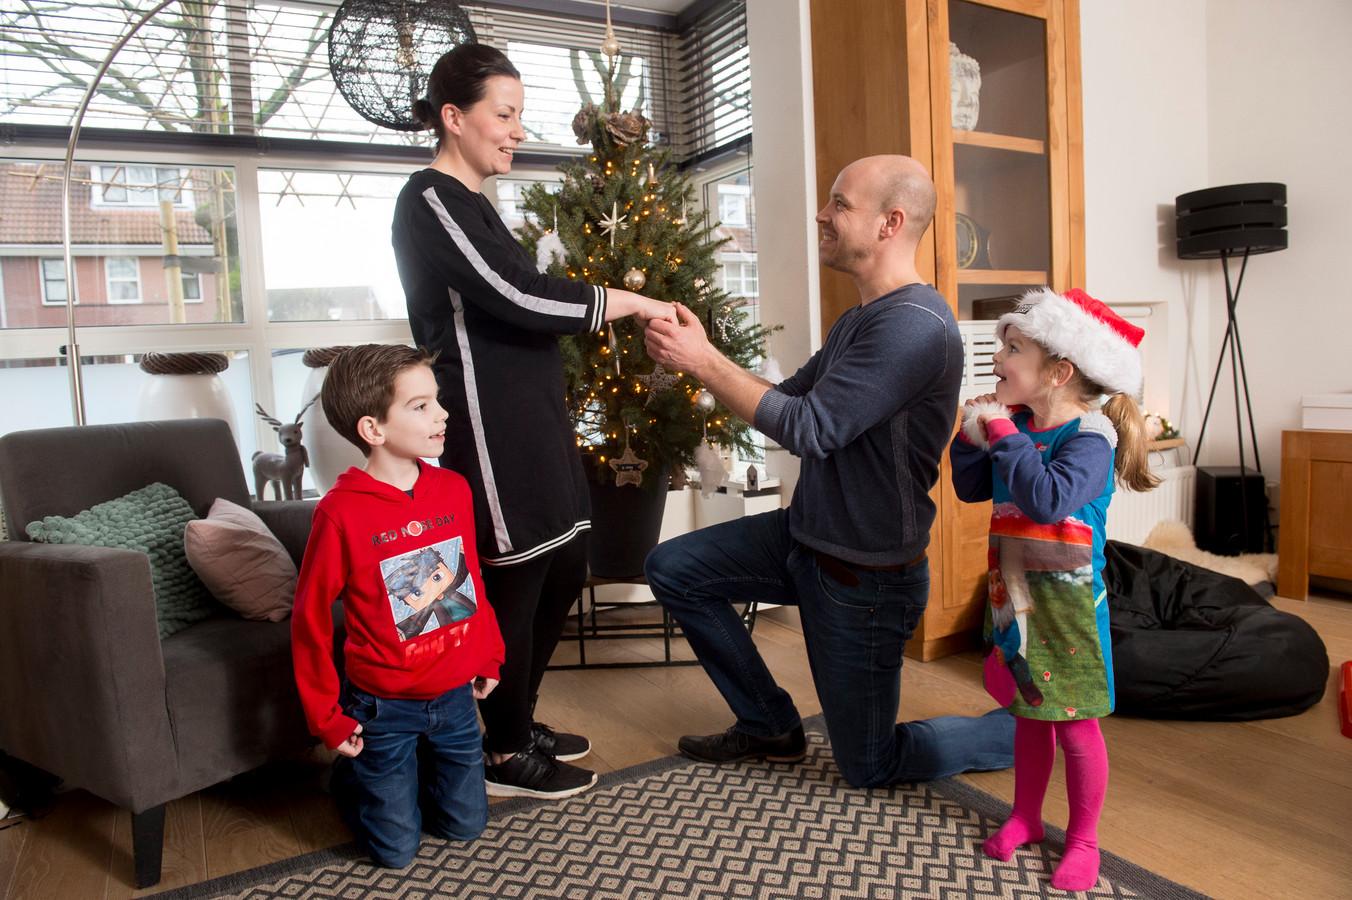 Kelly Verkijk en Roy ten Tije gaan zaterdag trouwen in het Glazen Huis.